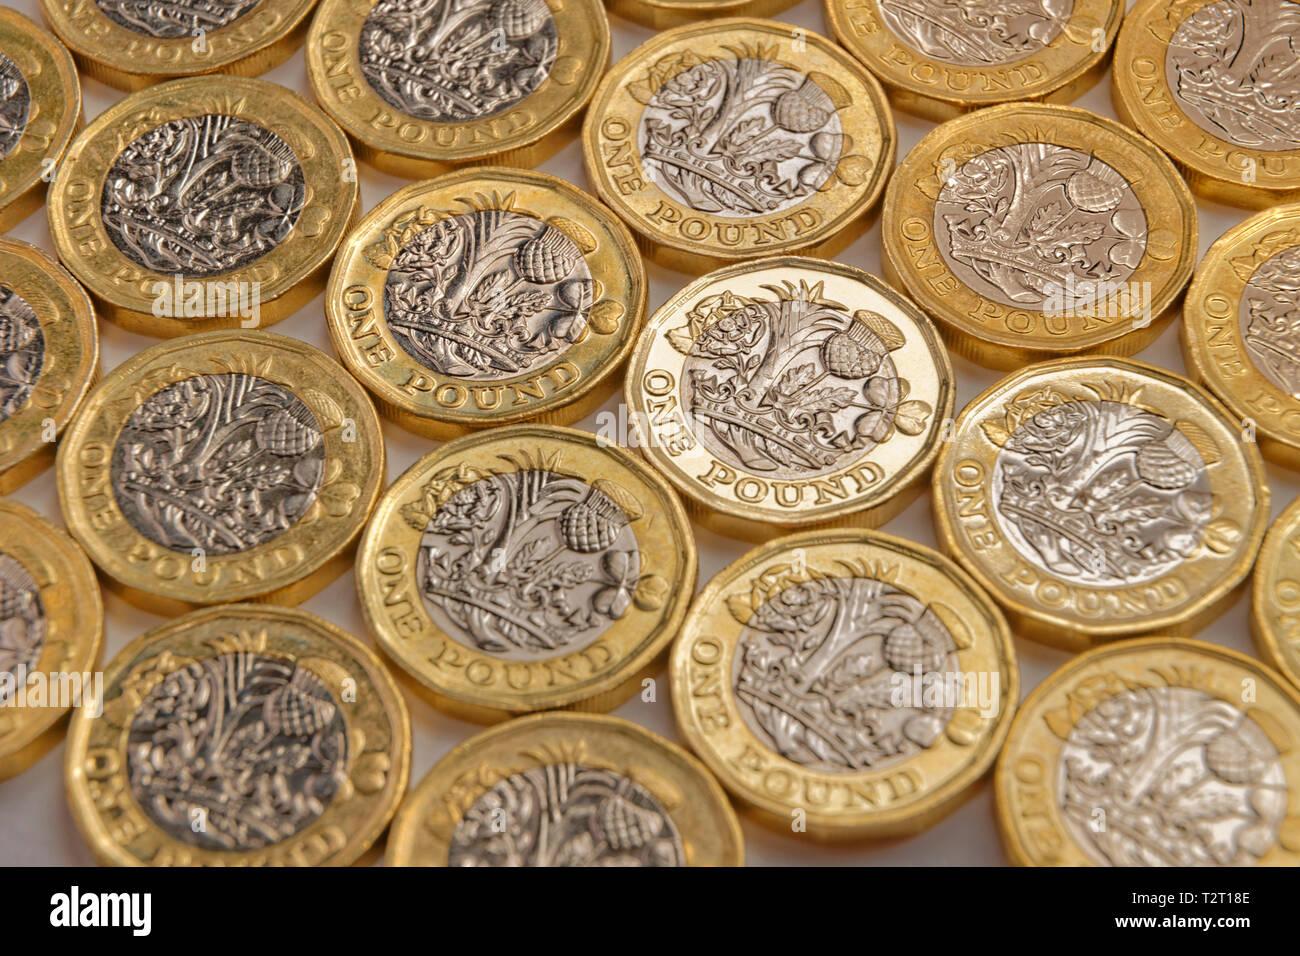 Britisches Pfund Münzen. Stockbild